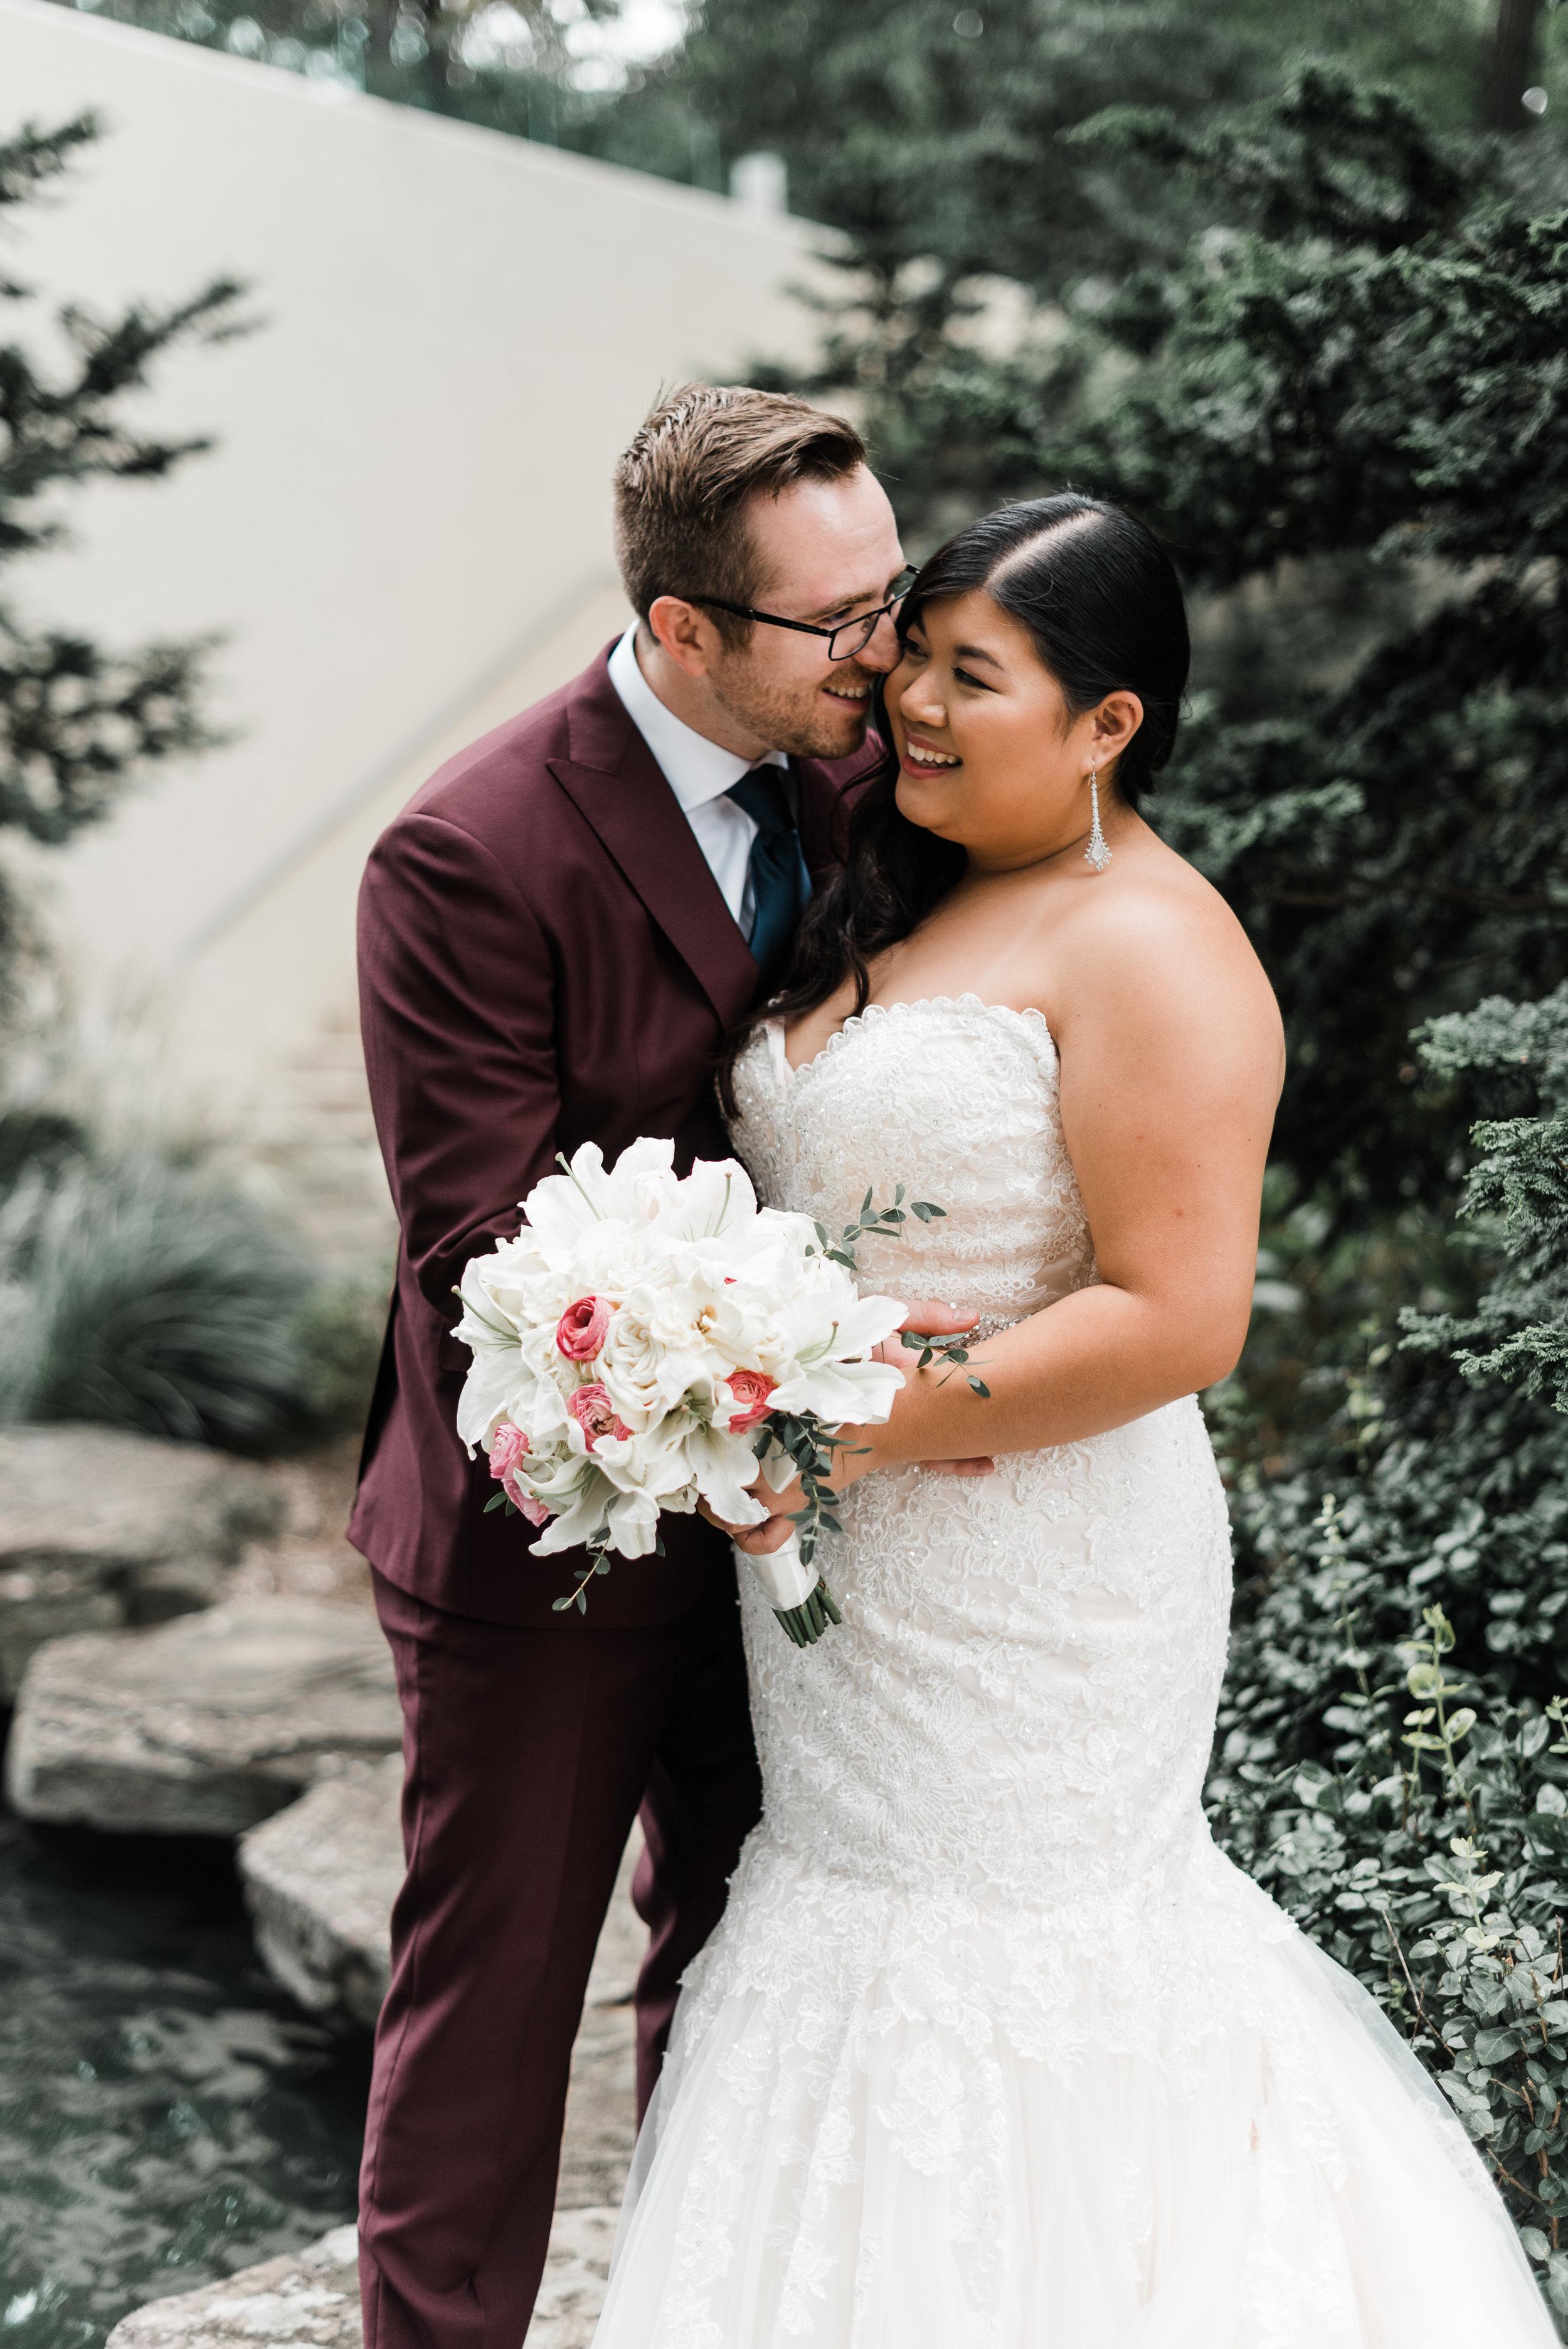 Bonnie&Justin_Wedding-150 copy.jpg